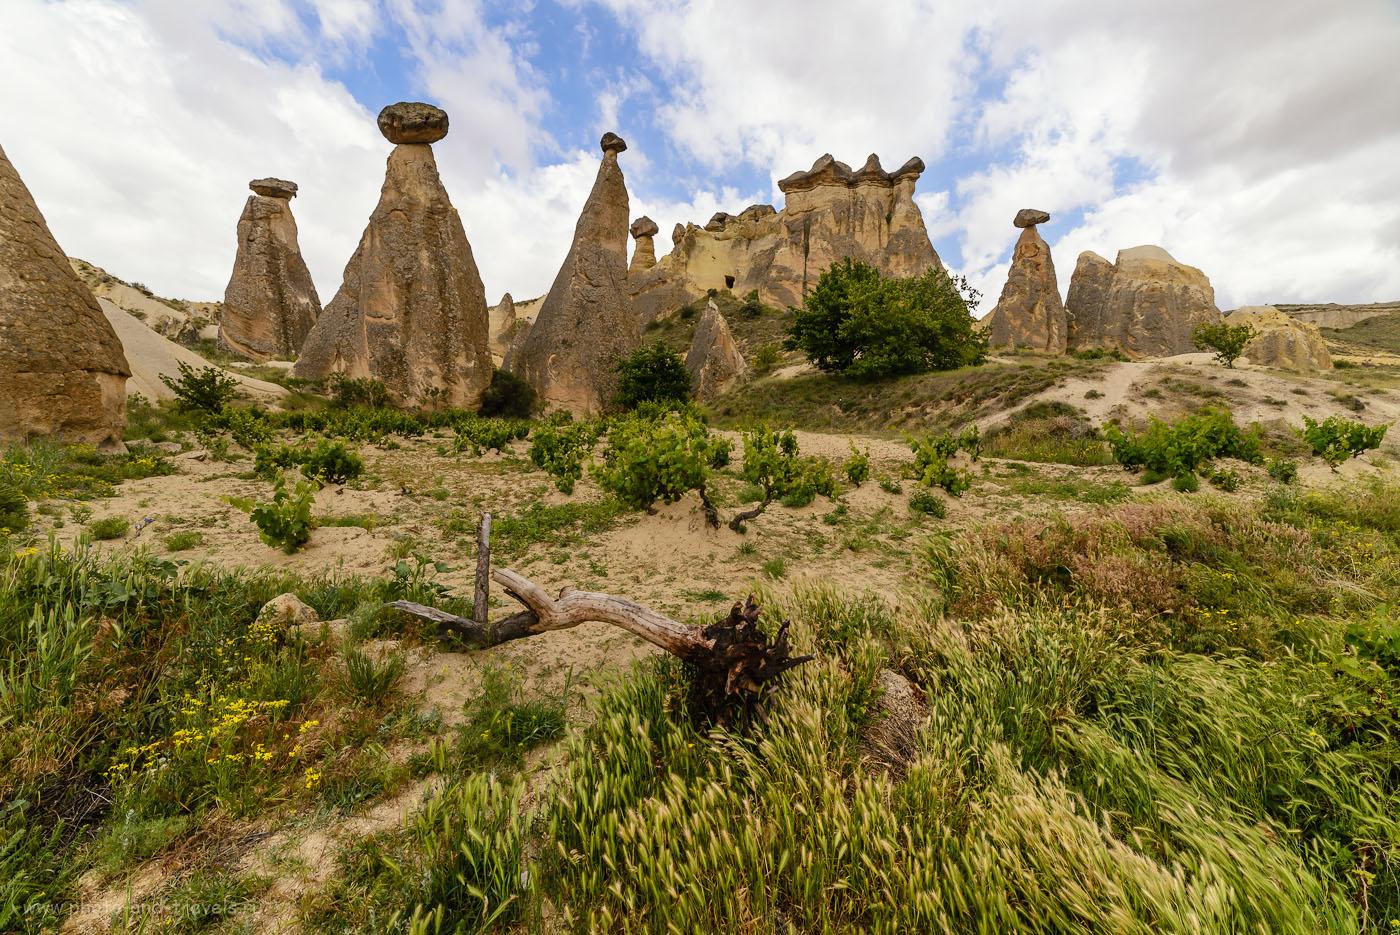 Фото 1. Скалы-«грибы» - наверное, одна из визитных карточек Каппадокии. Отзывы туристов об отдыхе в Турции самостоятельно. Снято на полнокадровую камеру Nikon D610 с широкоугольным объективом Samyang 14mm f/2.8 со следующими настройками: выдержка 1/320, экспокоррекция «-0.33EV», диафрагма f/9.0, ISO 160, фокусное расстояние 14 мм.